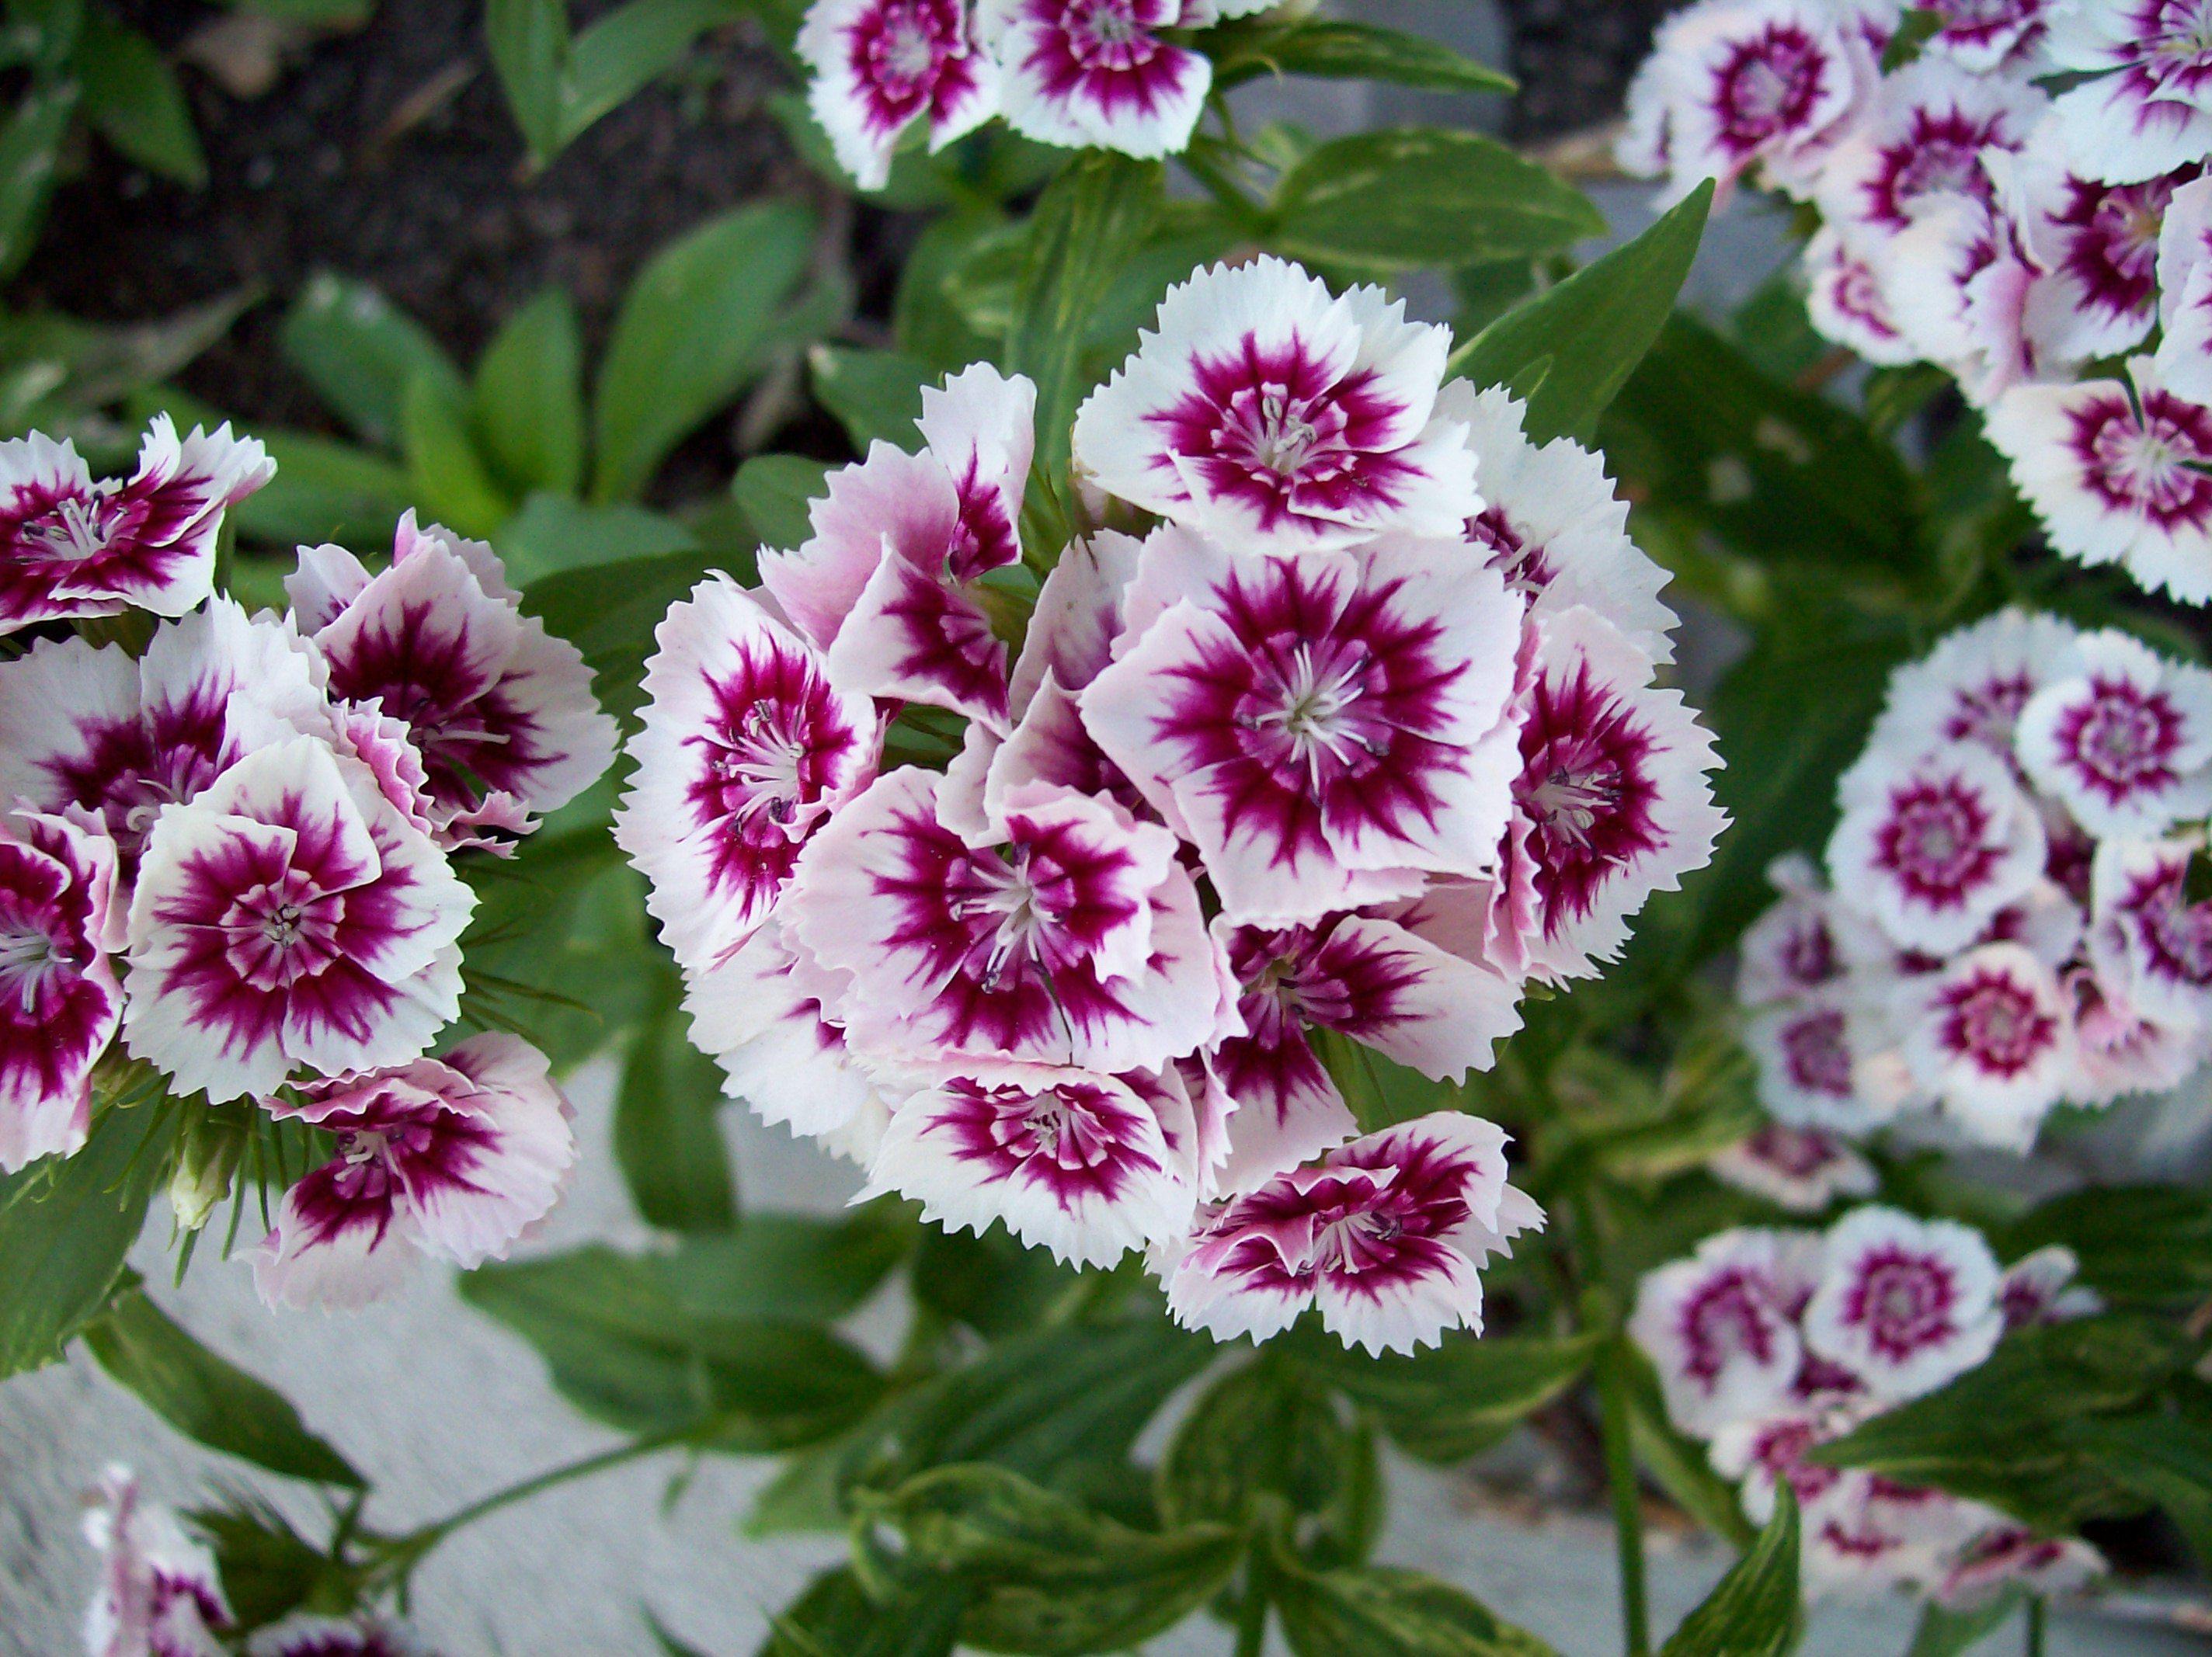 Google Image Result For Http Upload Wikimedia Org Wikipedia Commons 9 99 Spring Flowers Jpg Einjahrige Blumen Bartnelken Fruhlingsblumen